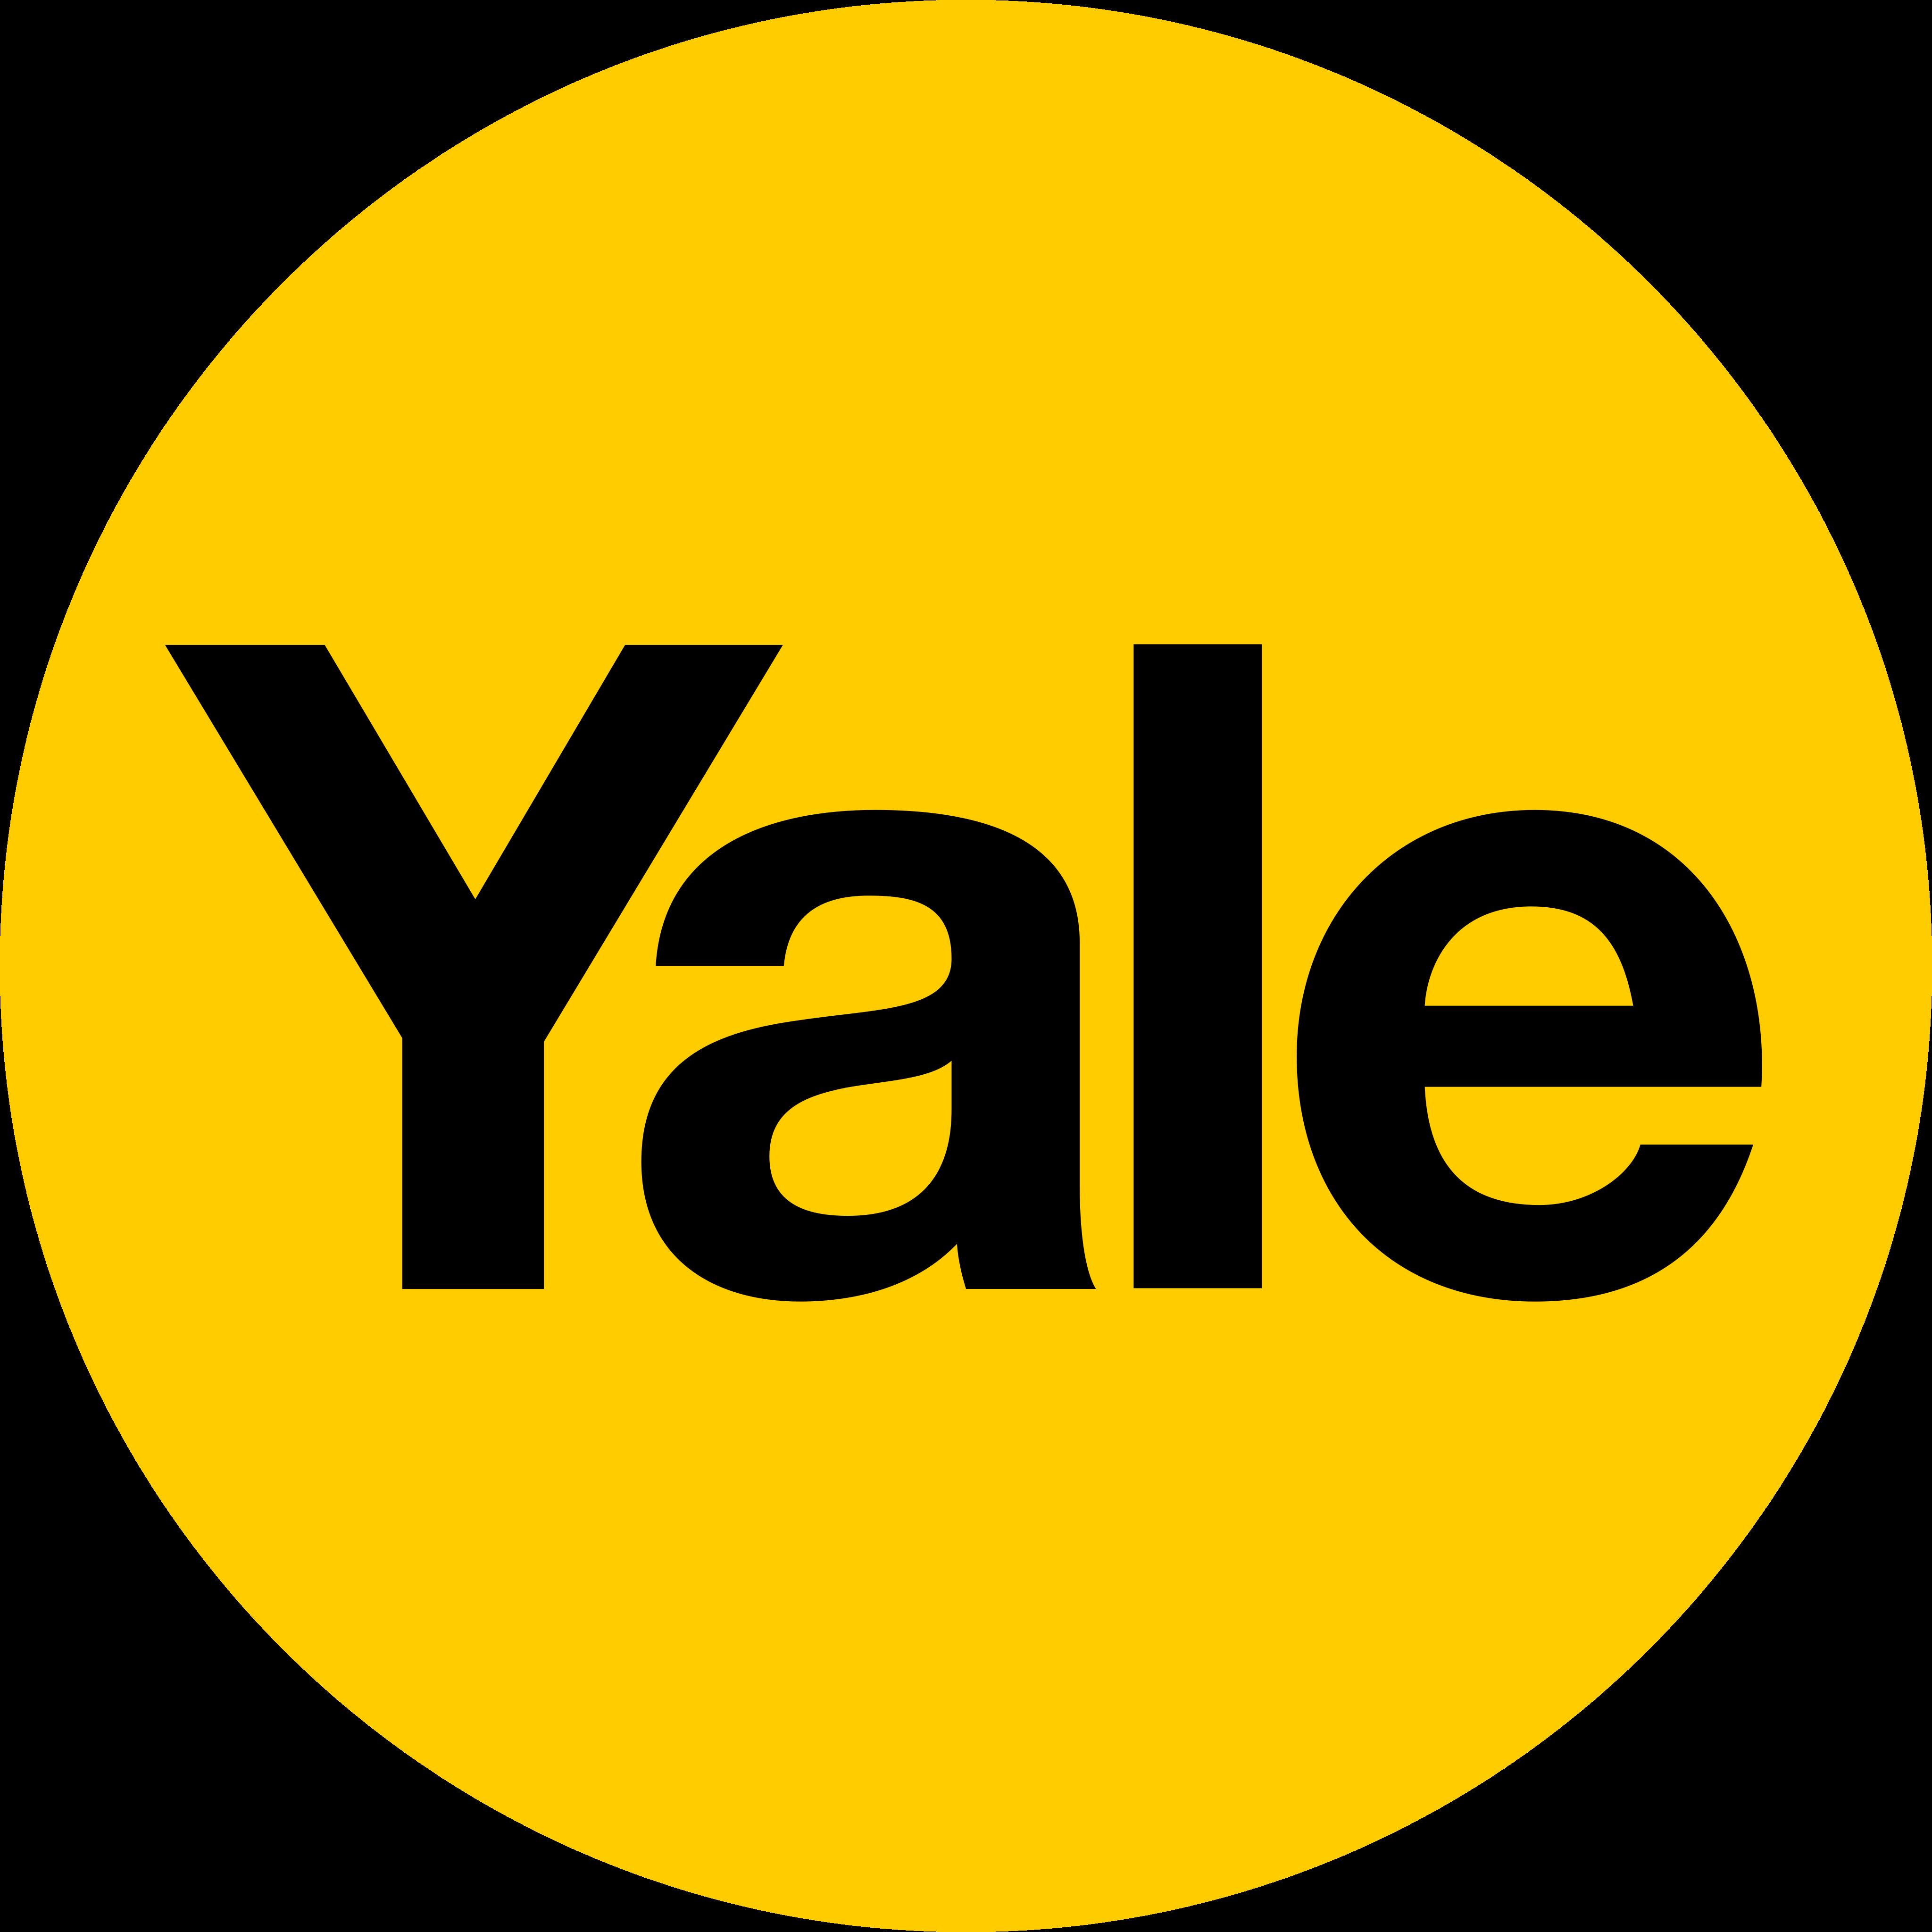 Yale Logo.